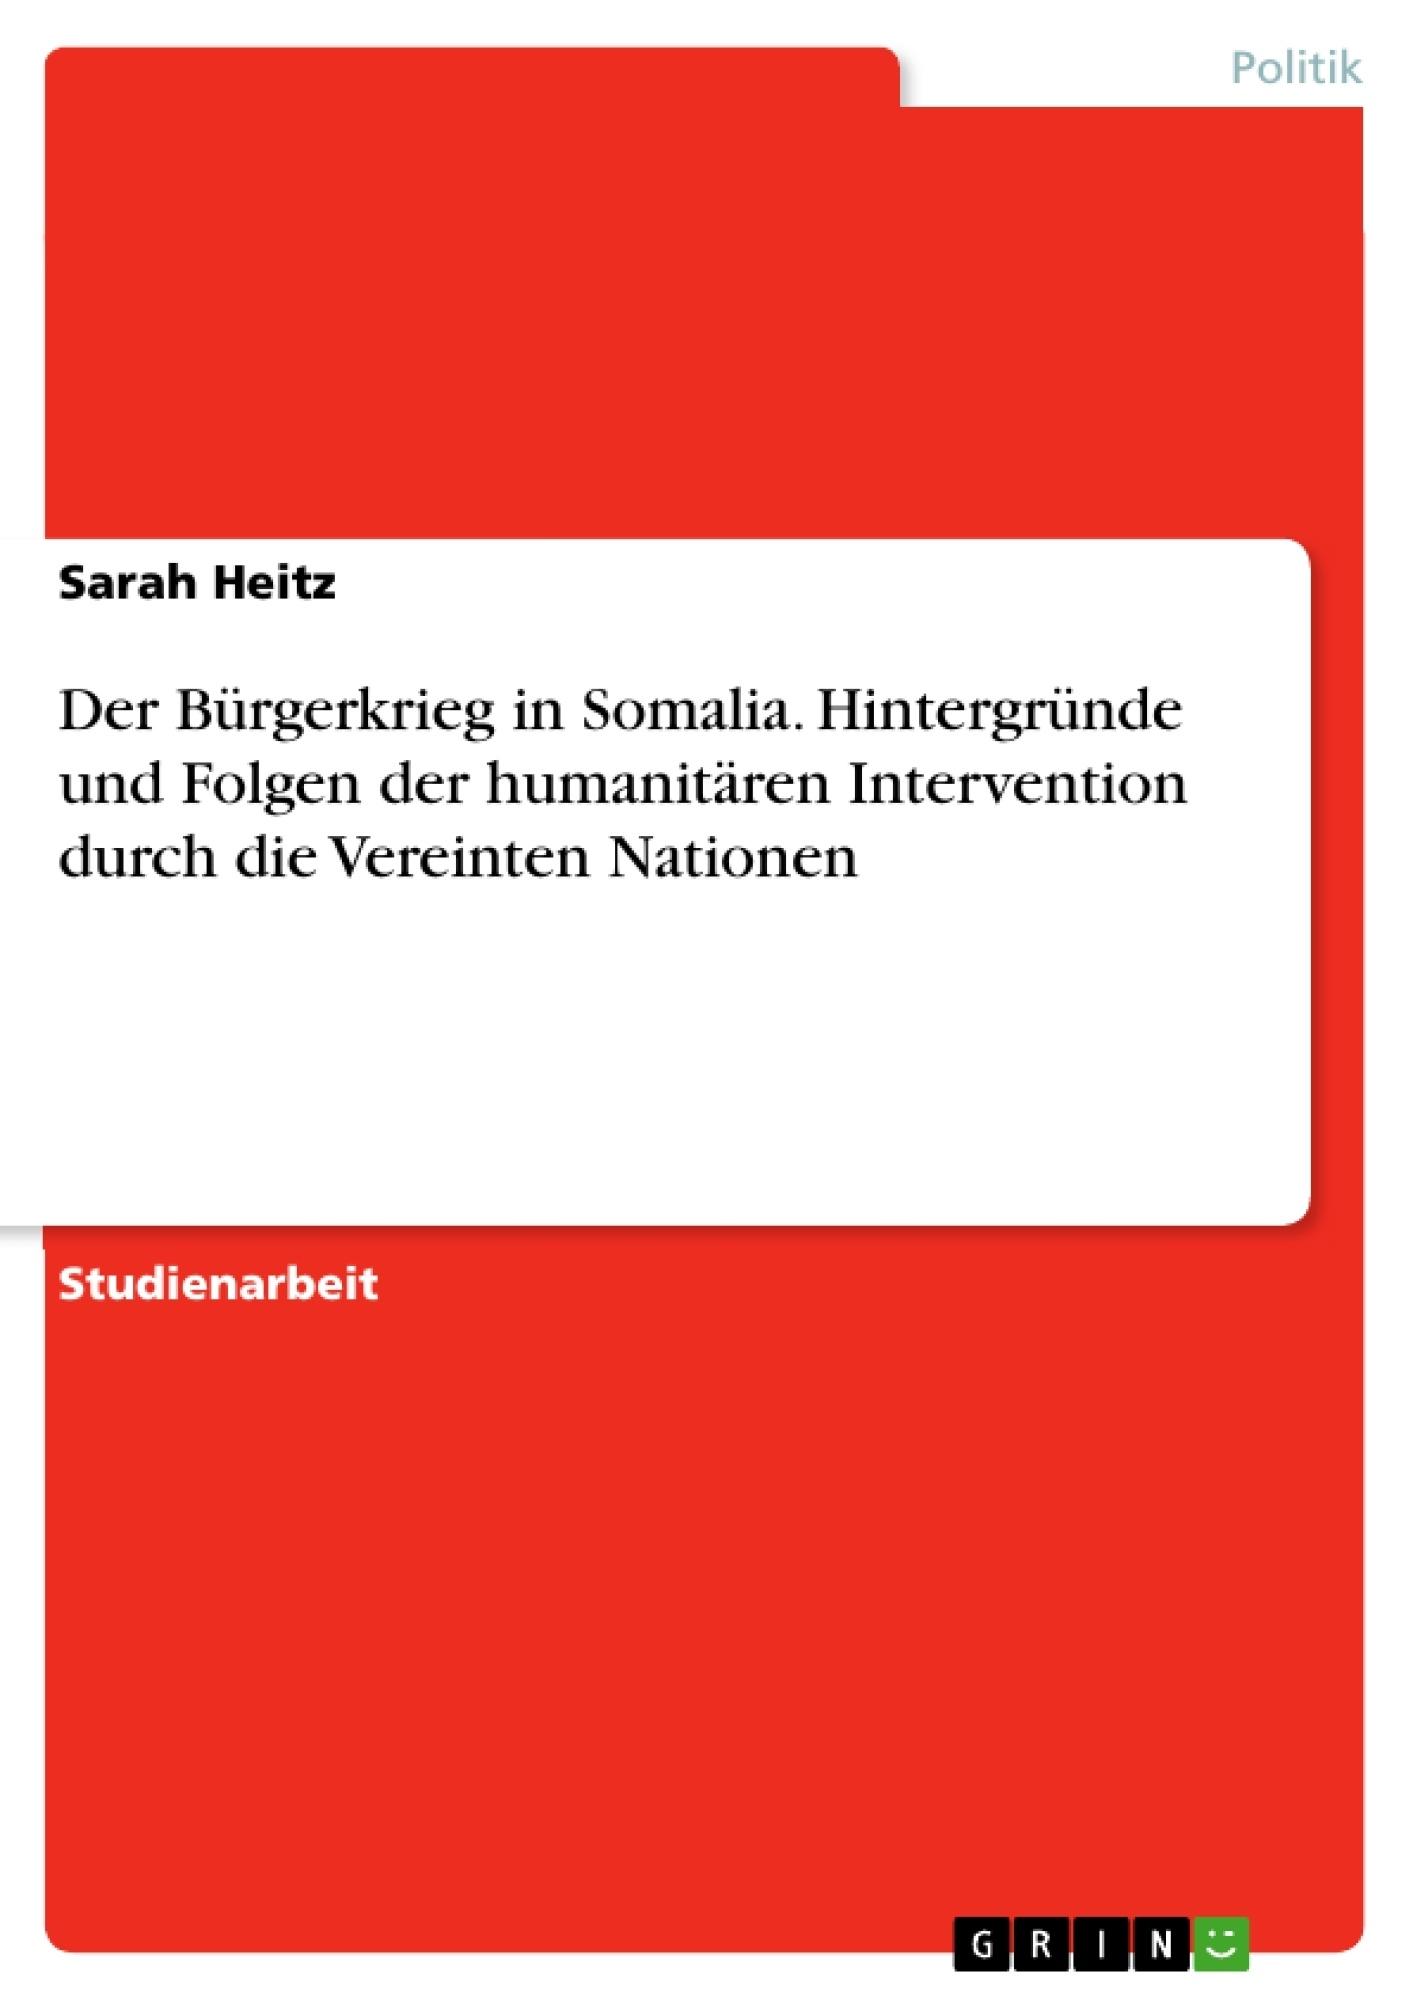 Titel: Der Bürgerkrieg in Somalia. Hintergründe und Folgen der humanitären Intervention durch die Vereinten Nationen